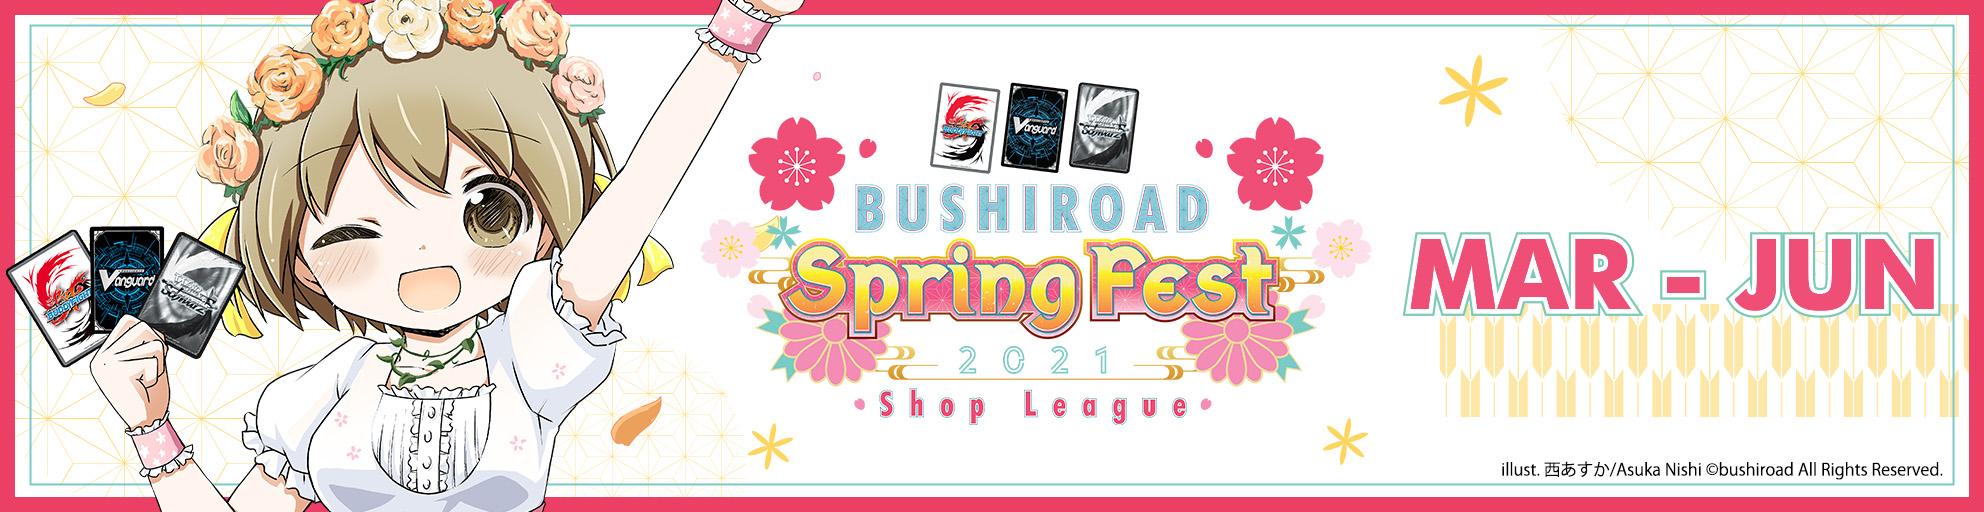 Bushiroad_Spring_Fest_2021_Shop_League